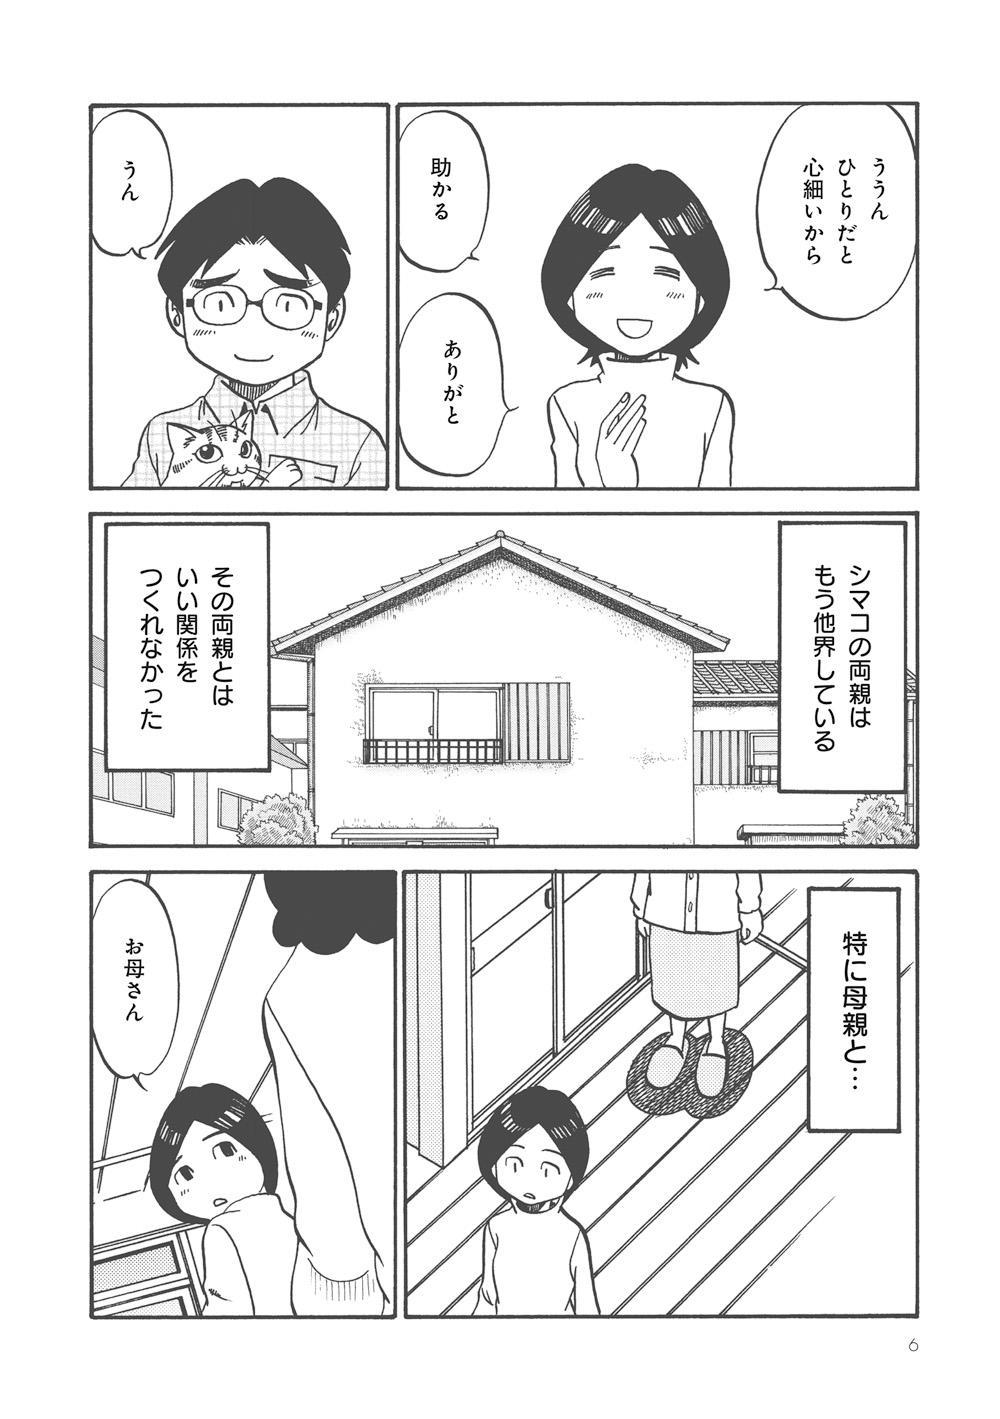 縁距離な夫婦_006.jpg